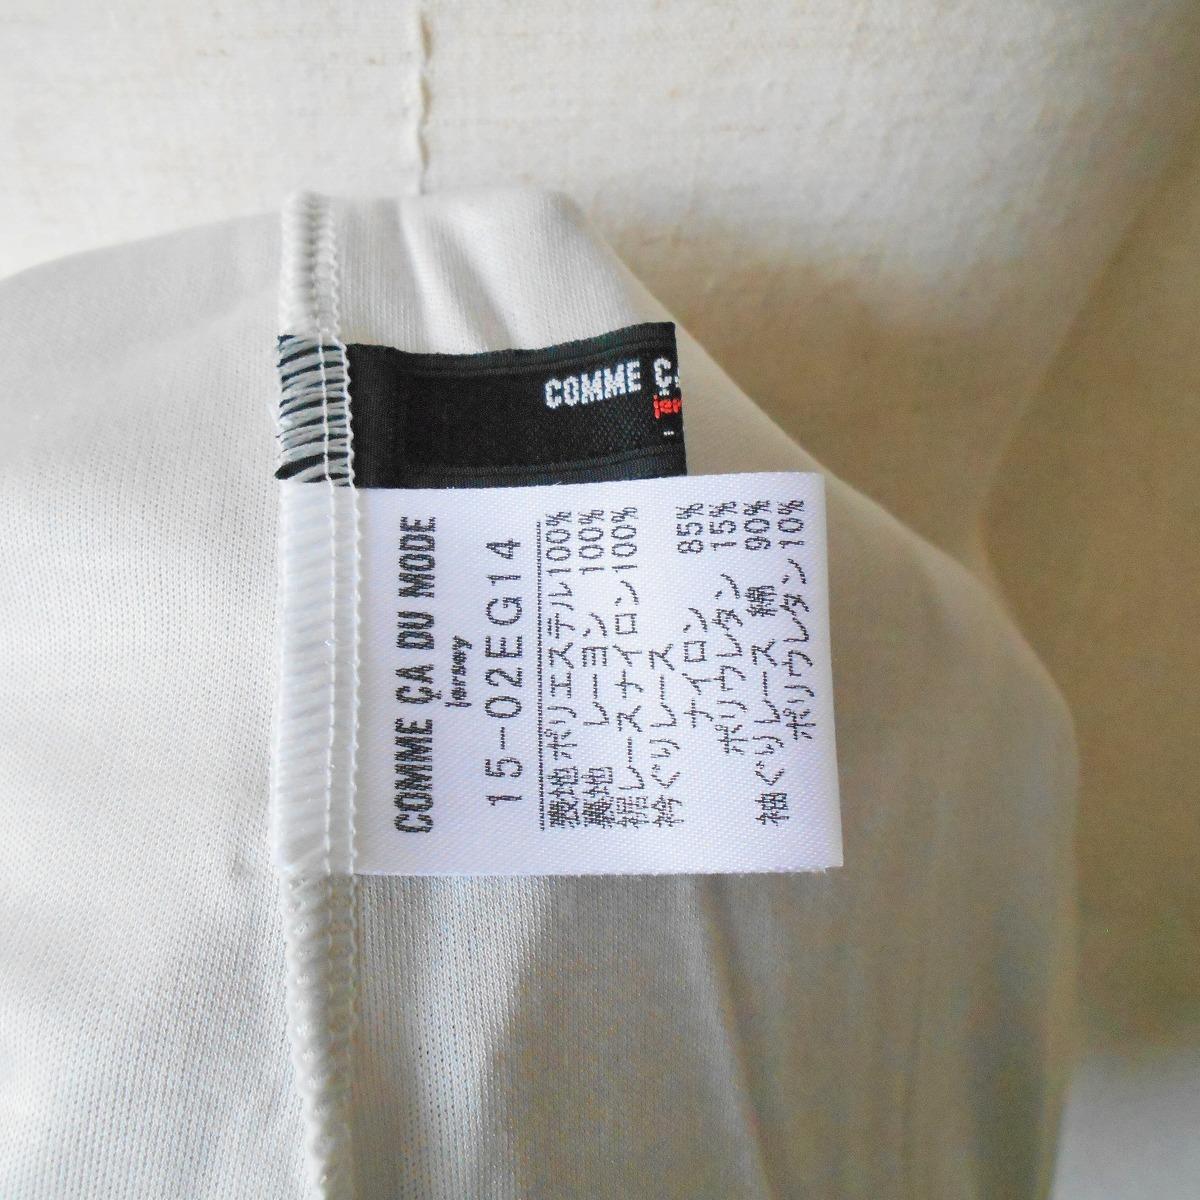 新品 タグ付き 12600円 コムサデモード ジャージー COMME CA DU MODE jersey チュール レース の 素敵 な ノースリーブ ブラウス 9_画像7